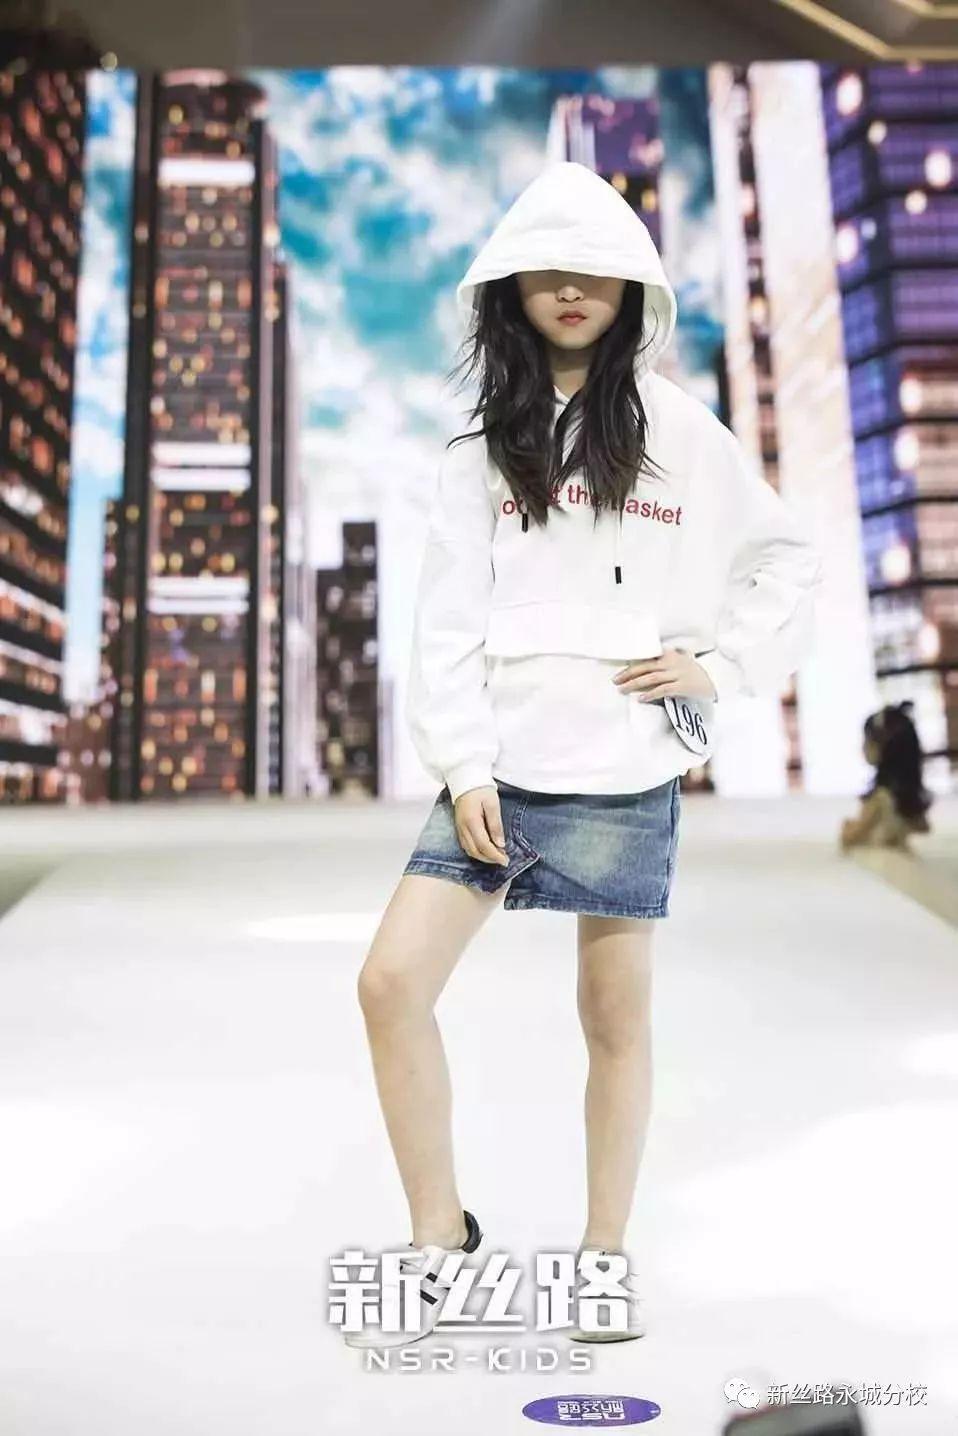 体育 正文  他们是中国模特界冉冉升起的新星 模特不仅仅是走t台,更